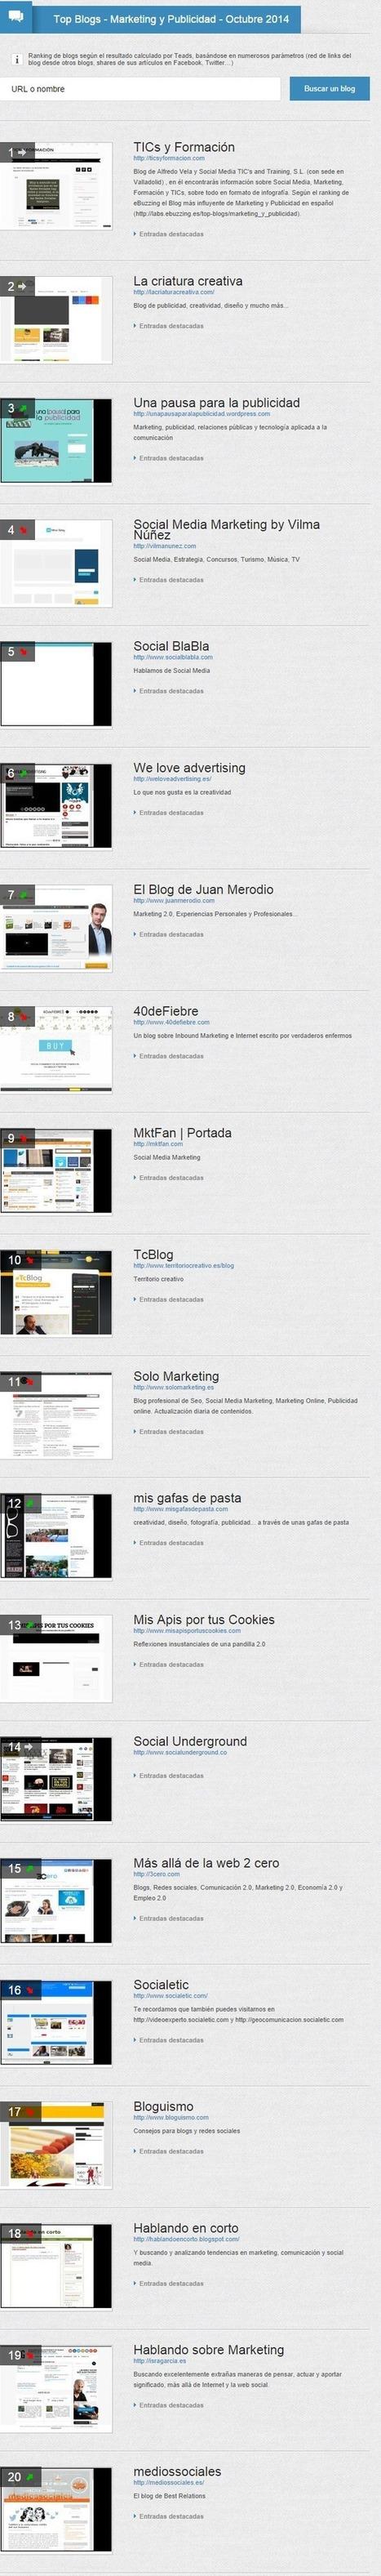 Top 20 blogs sobre marketing y publicidad más influyentes (10/2014) #infografia #infographic #marketing | Seo, Social Media Marketing | Scoop.it